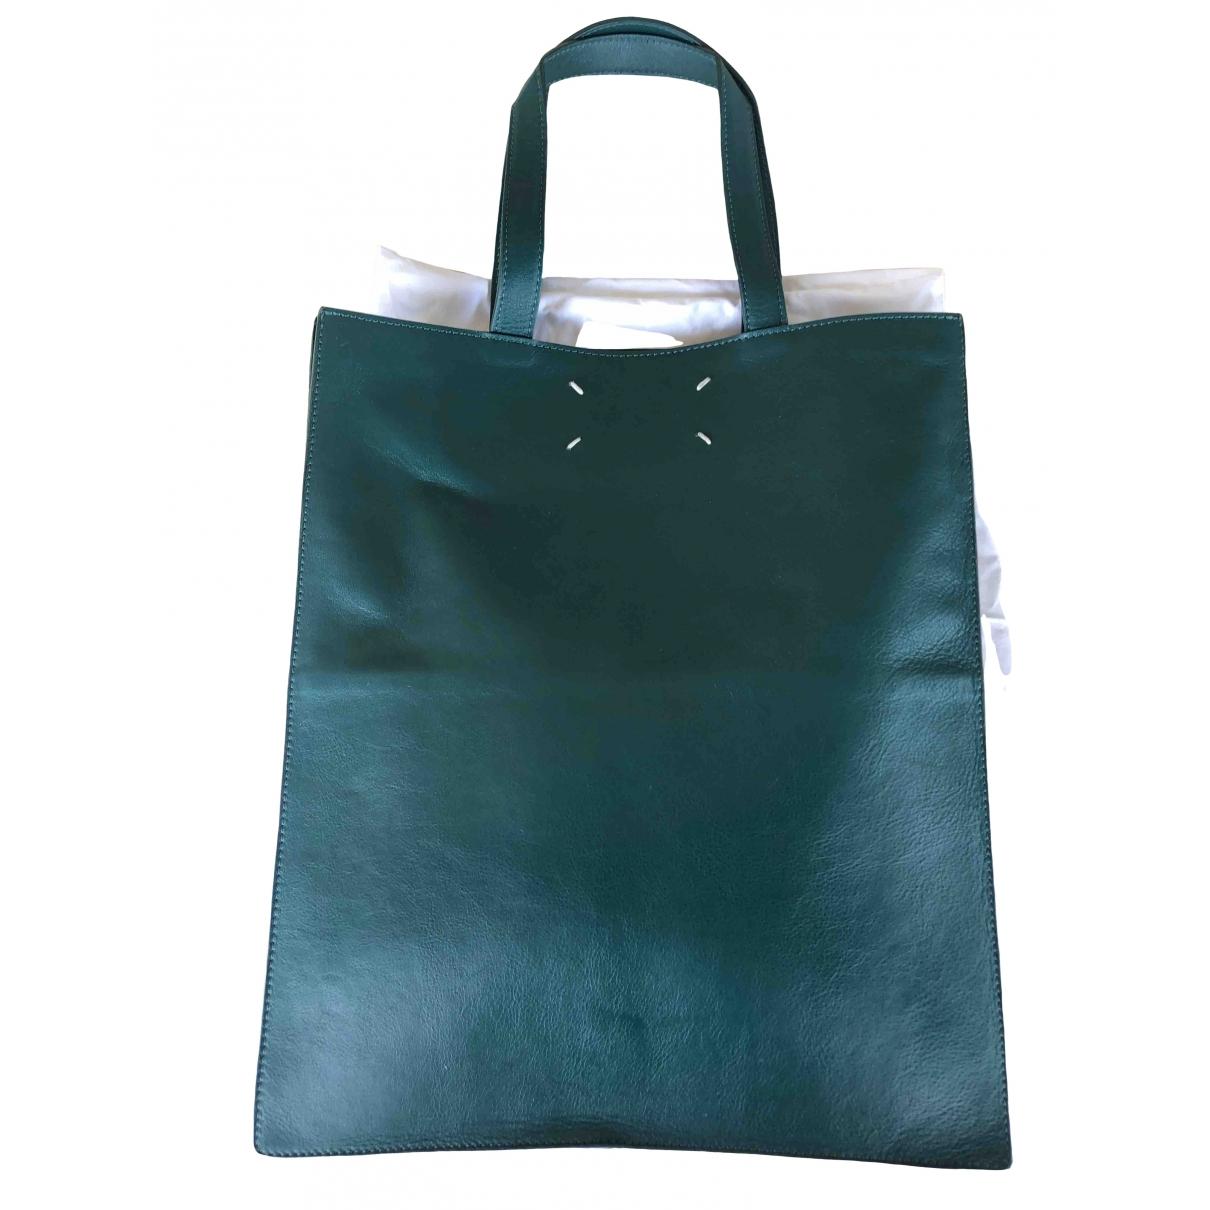 Maison Martin Margiela \N Green Leather handbag for Women \N